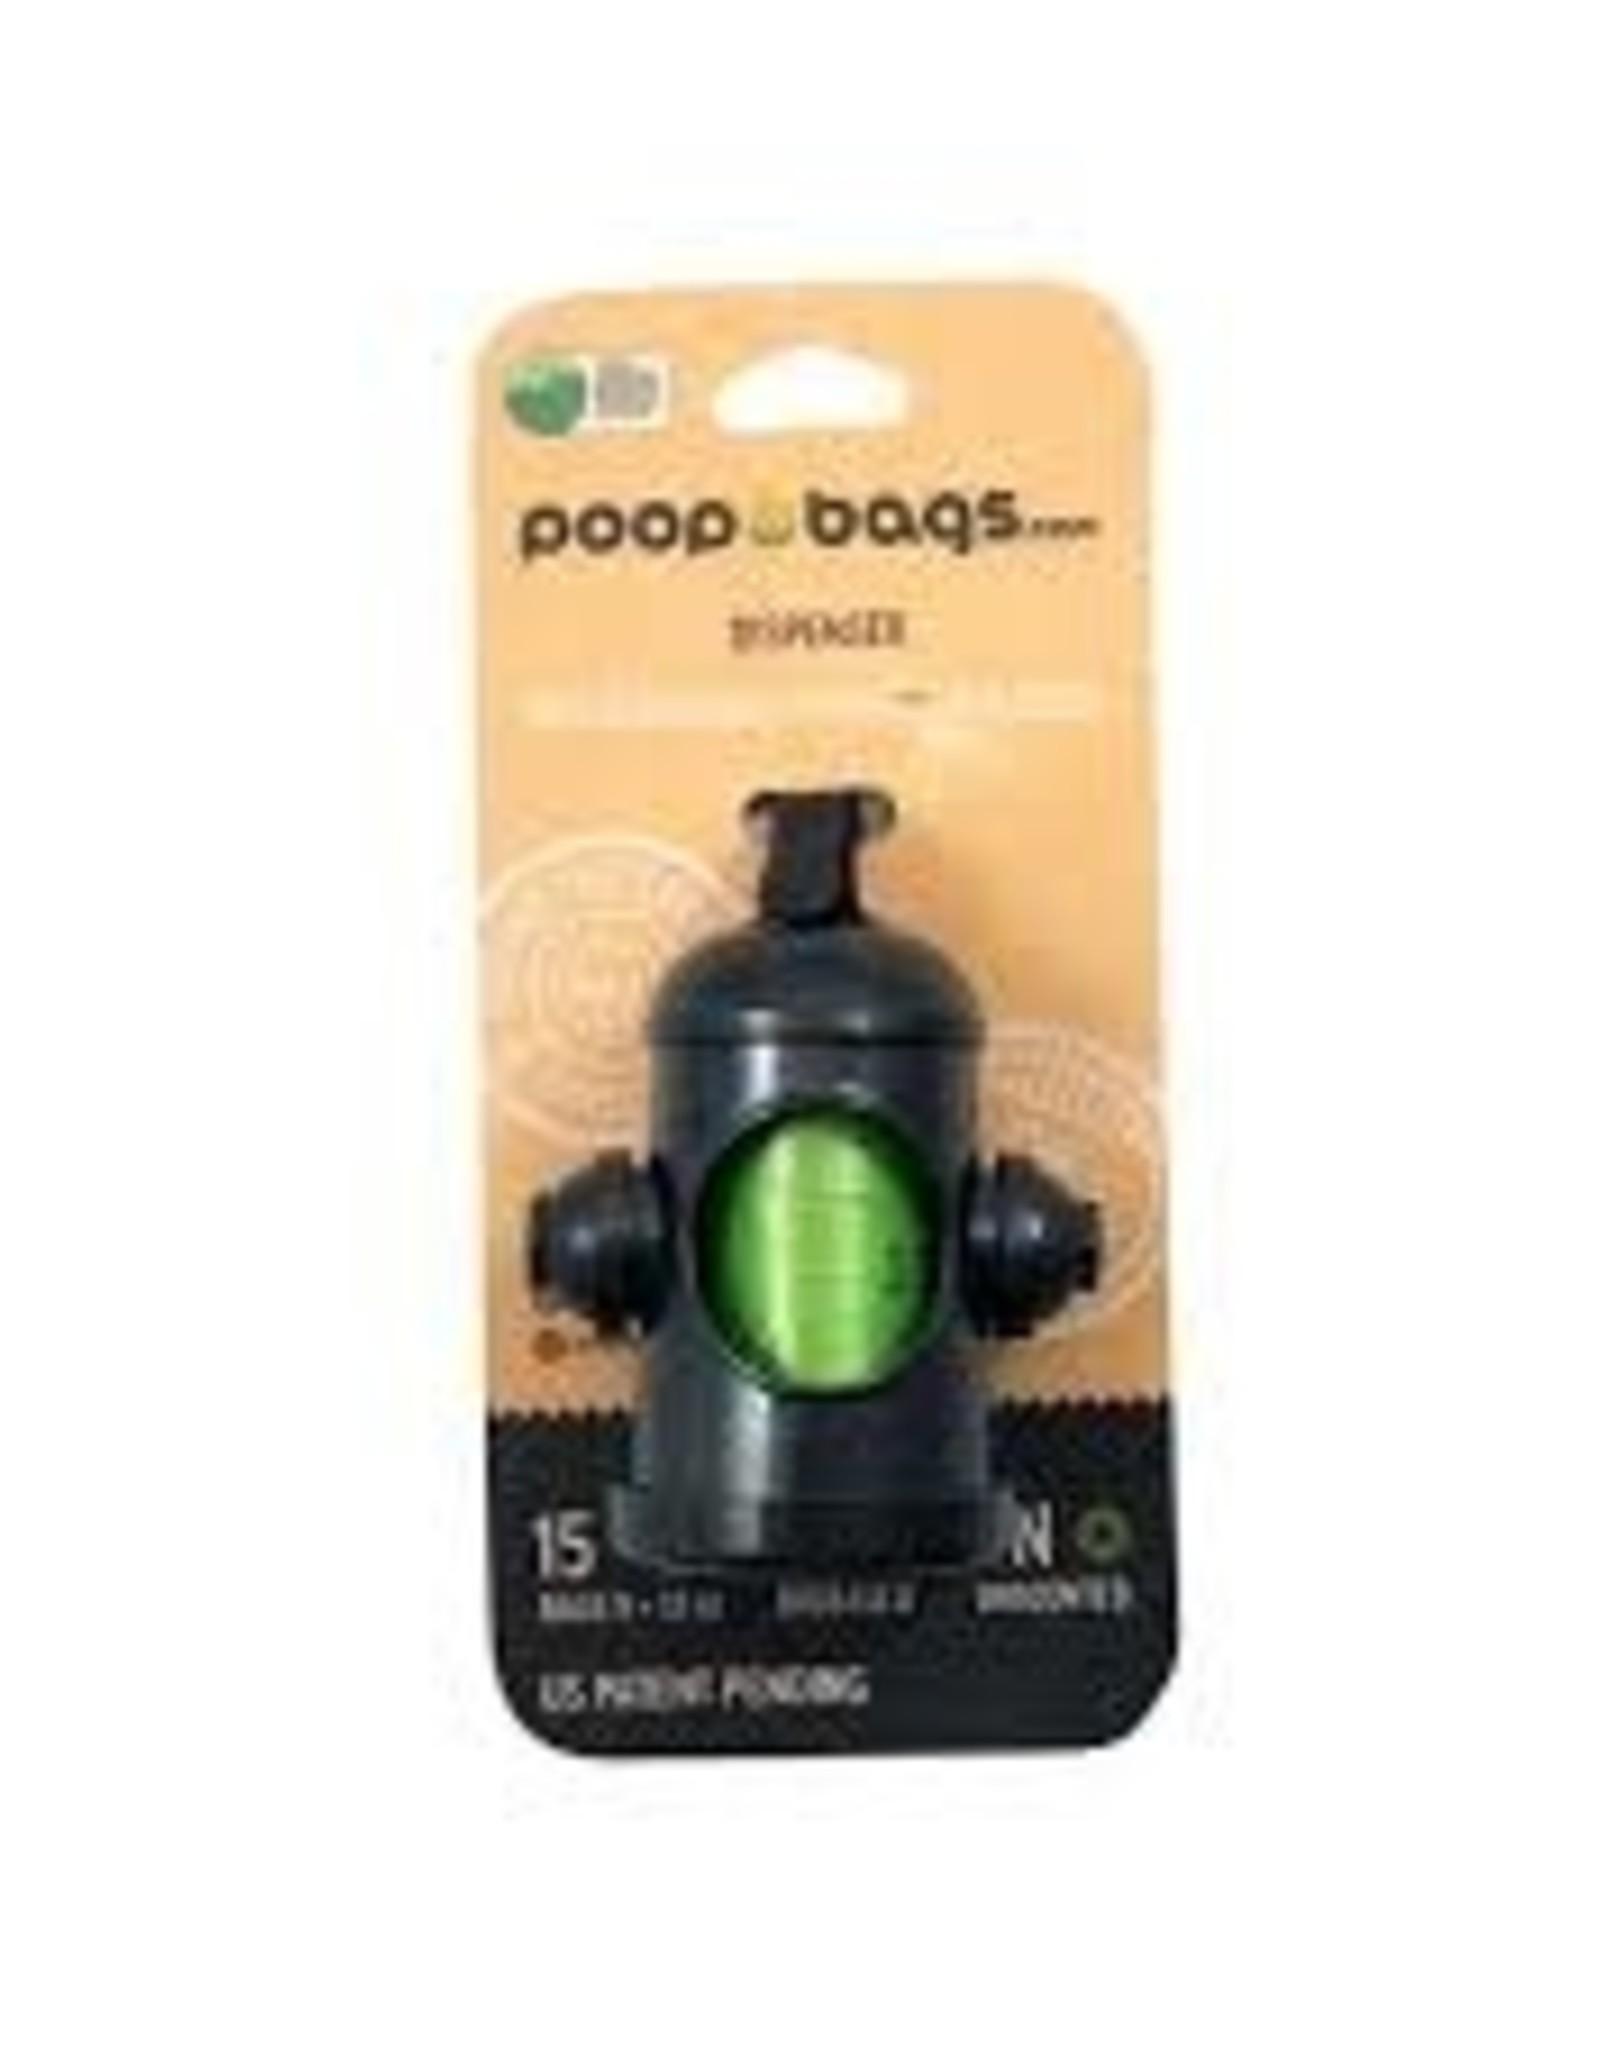 Poop Bags Poop Bags Hydrant Dispenser With Bags (15)